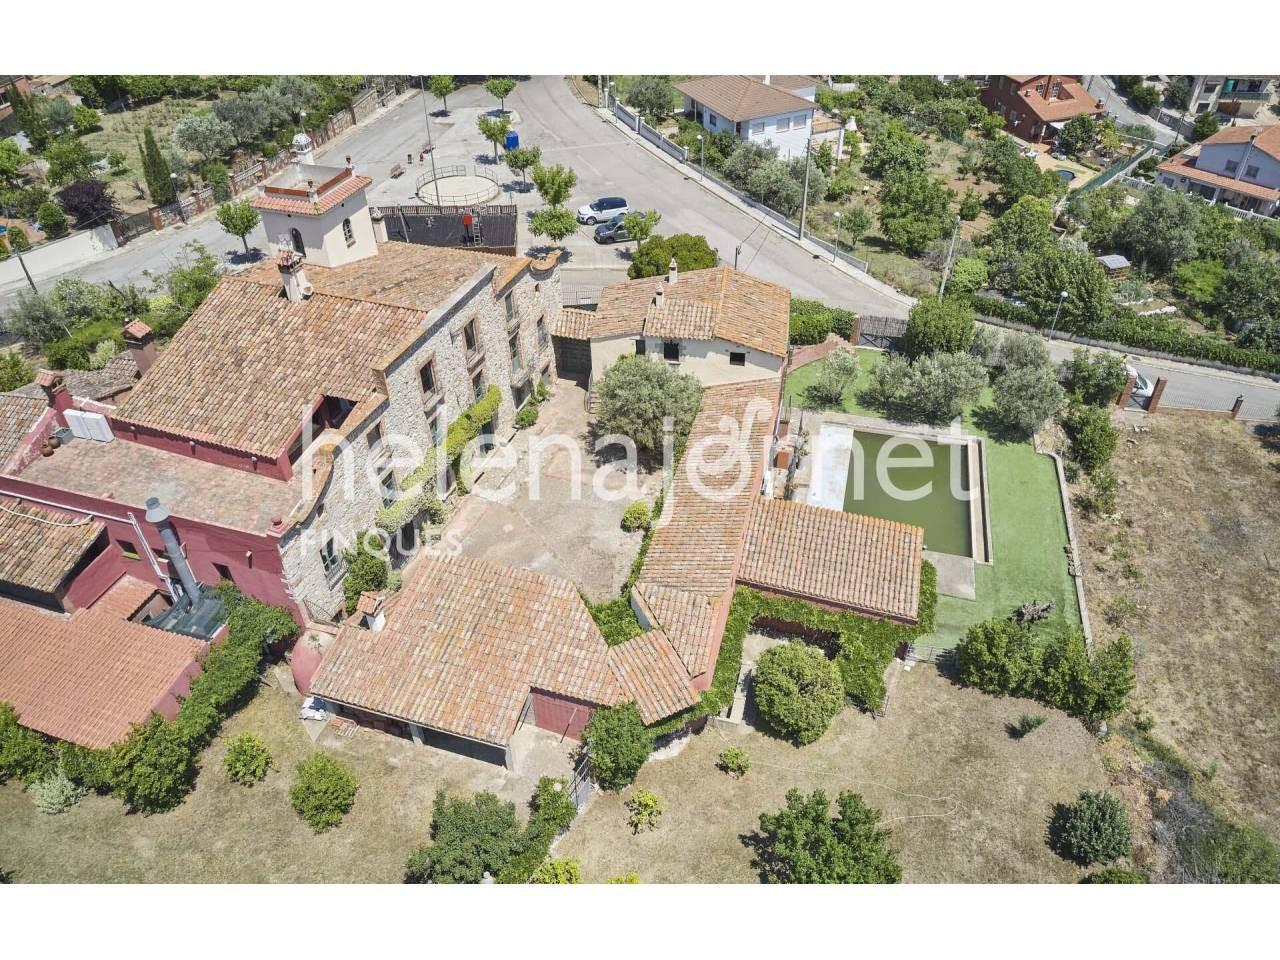 Ferme catalane de l'année 1.700, entièrement rénovée à Bigues i Riells  - 1559